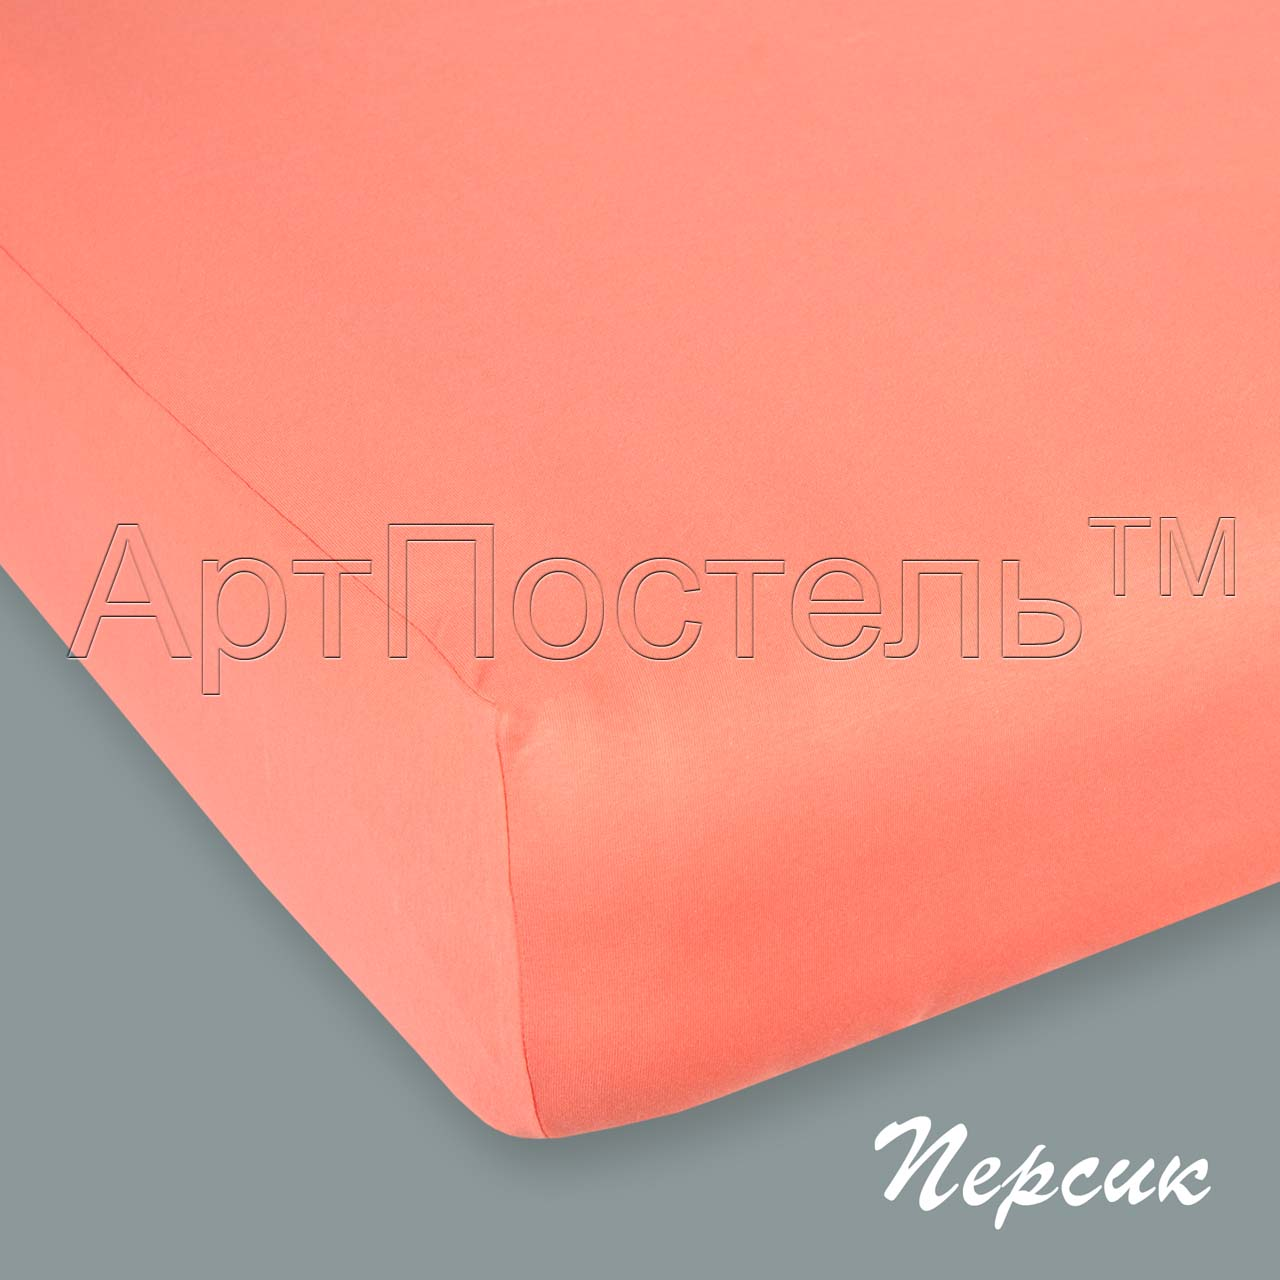 Простыня на резинке Персик, размер 200х200 смПростыни<br>Плотность ткани:145 г/кв. м<br>Высота матраса:20 см<br><br>Тип: Простыня<br>Размер: 200х200<br>Материал: Кулирка